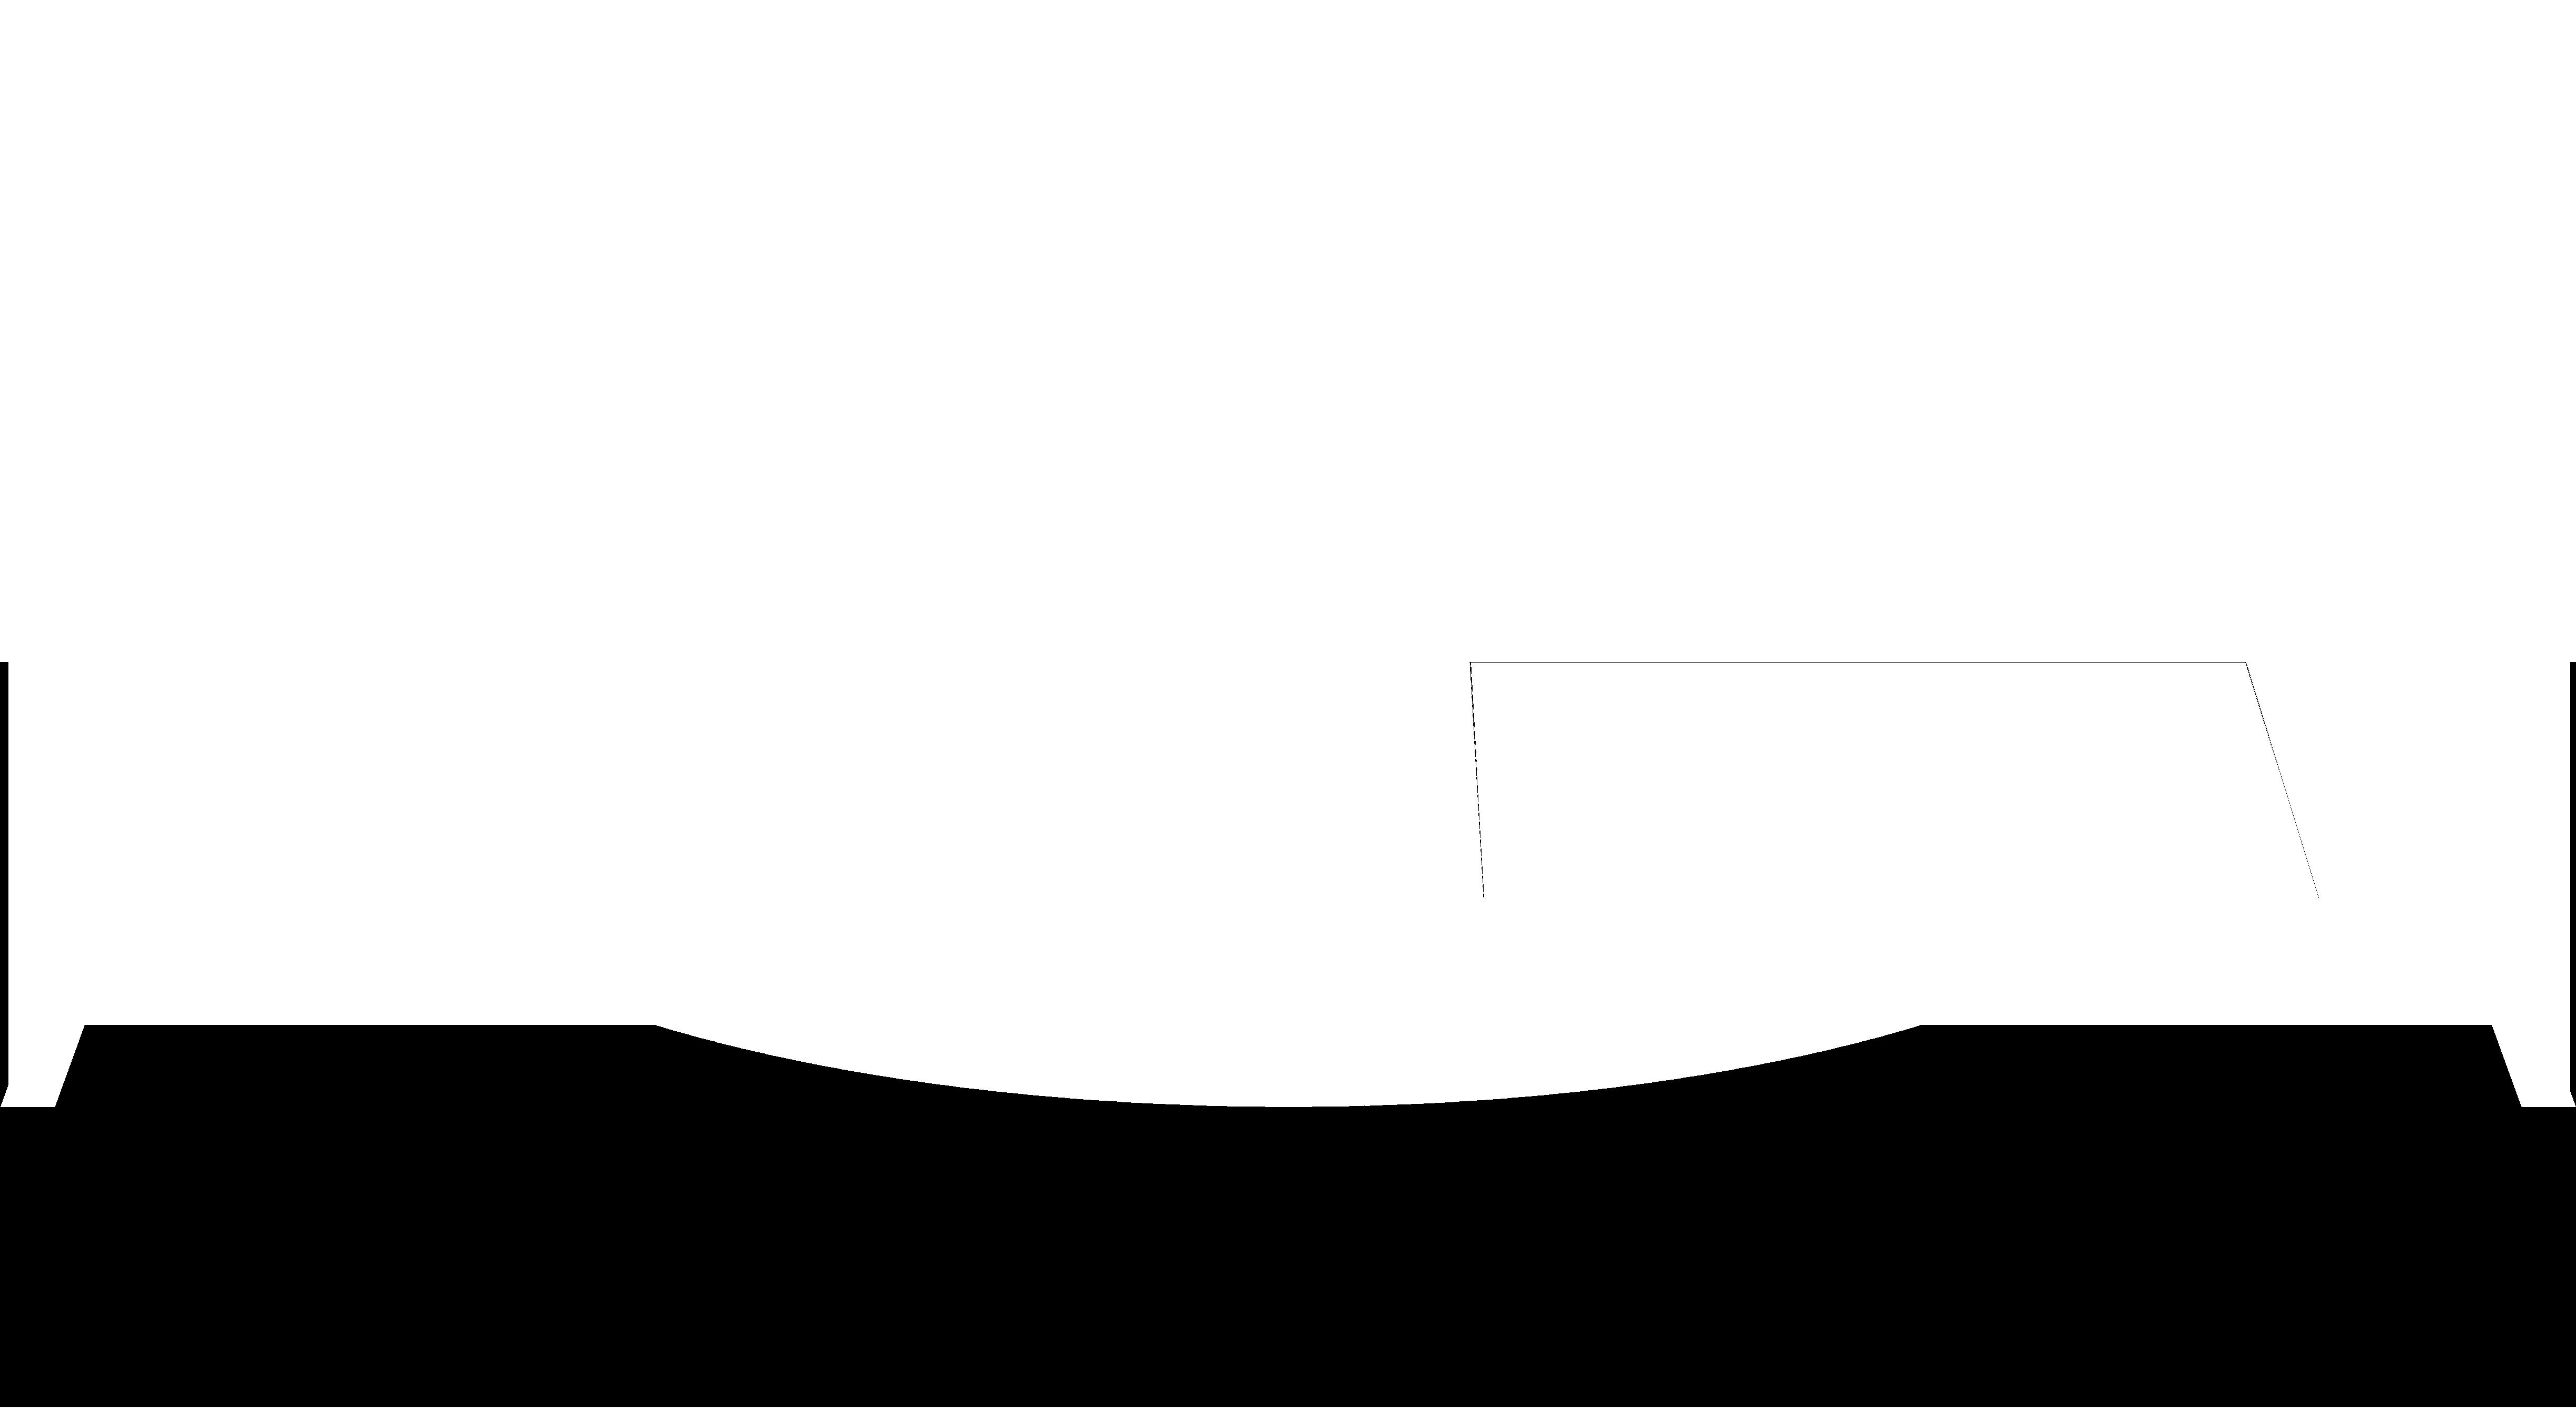 Elektronisches Preisschild Alu Schatten by DiCoSo